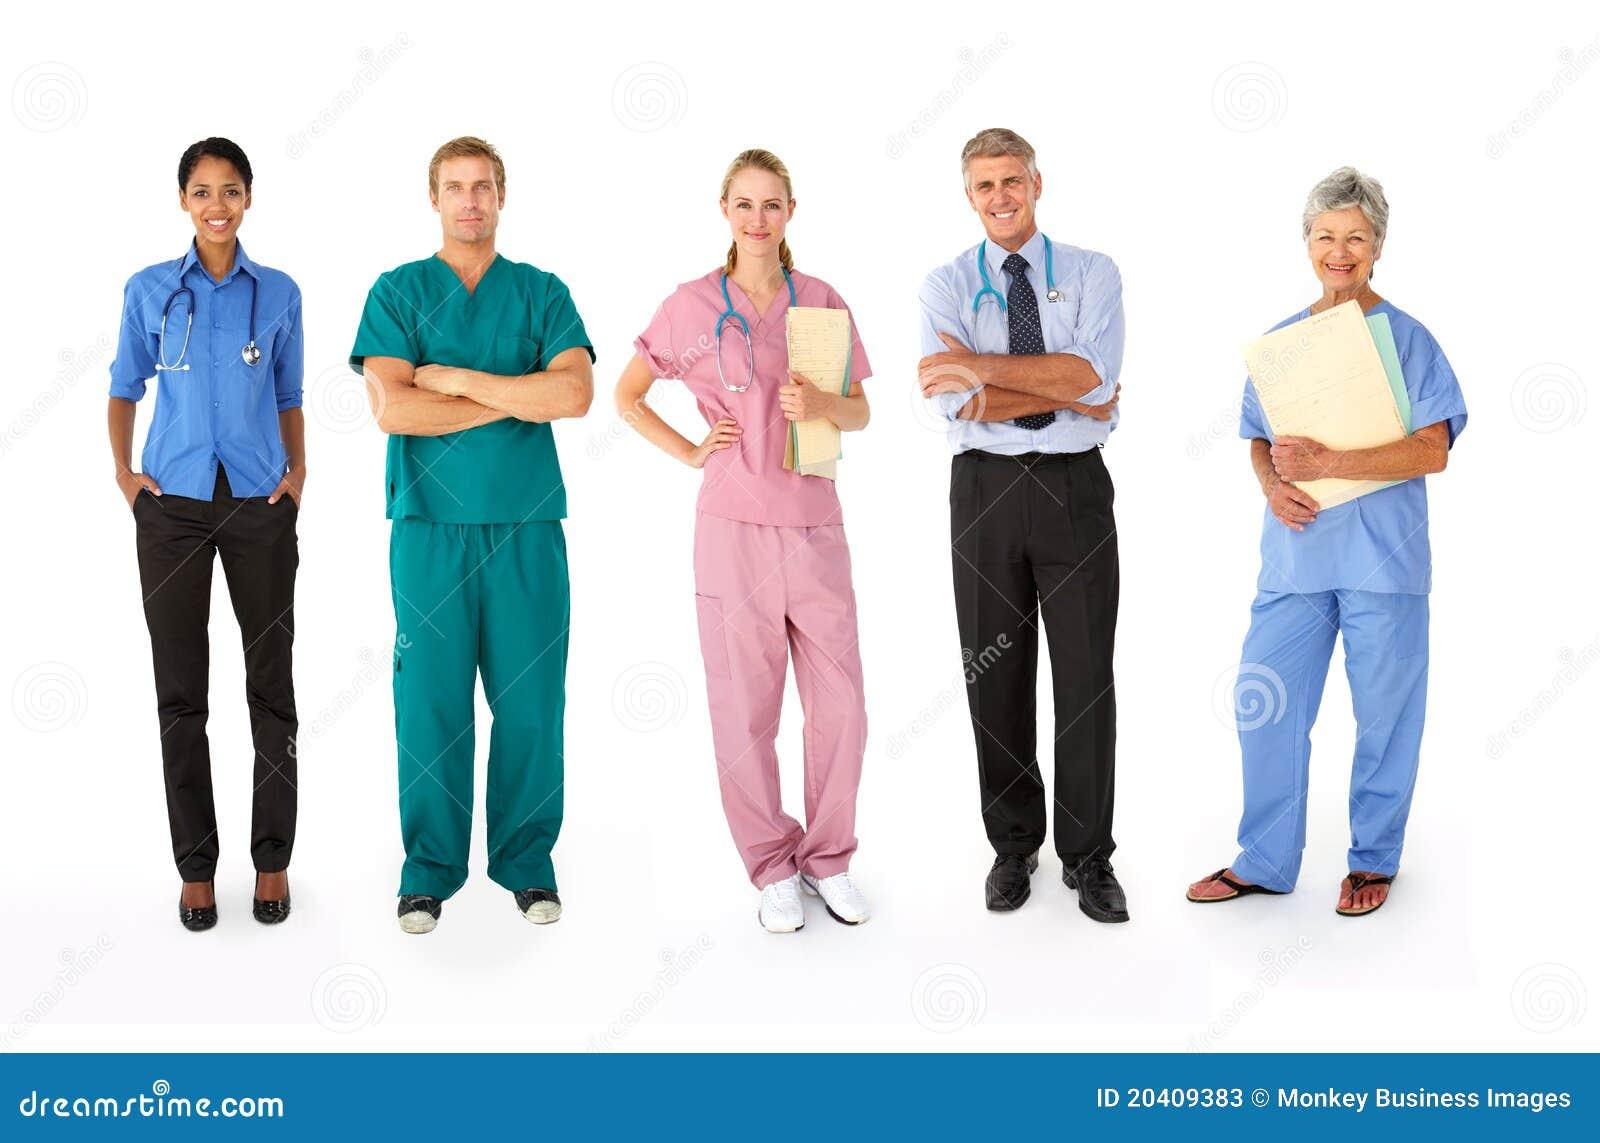 Grupo misturado de profissionais médicos